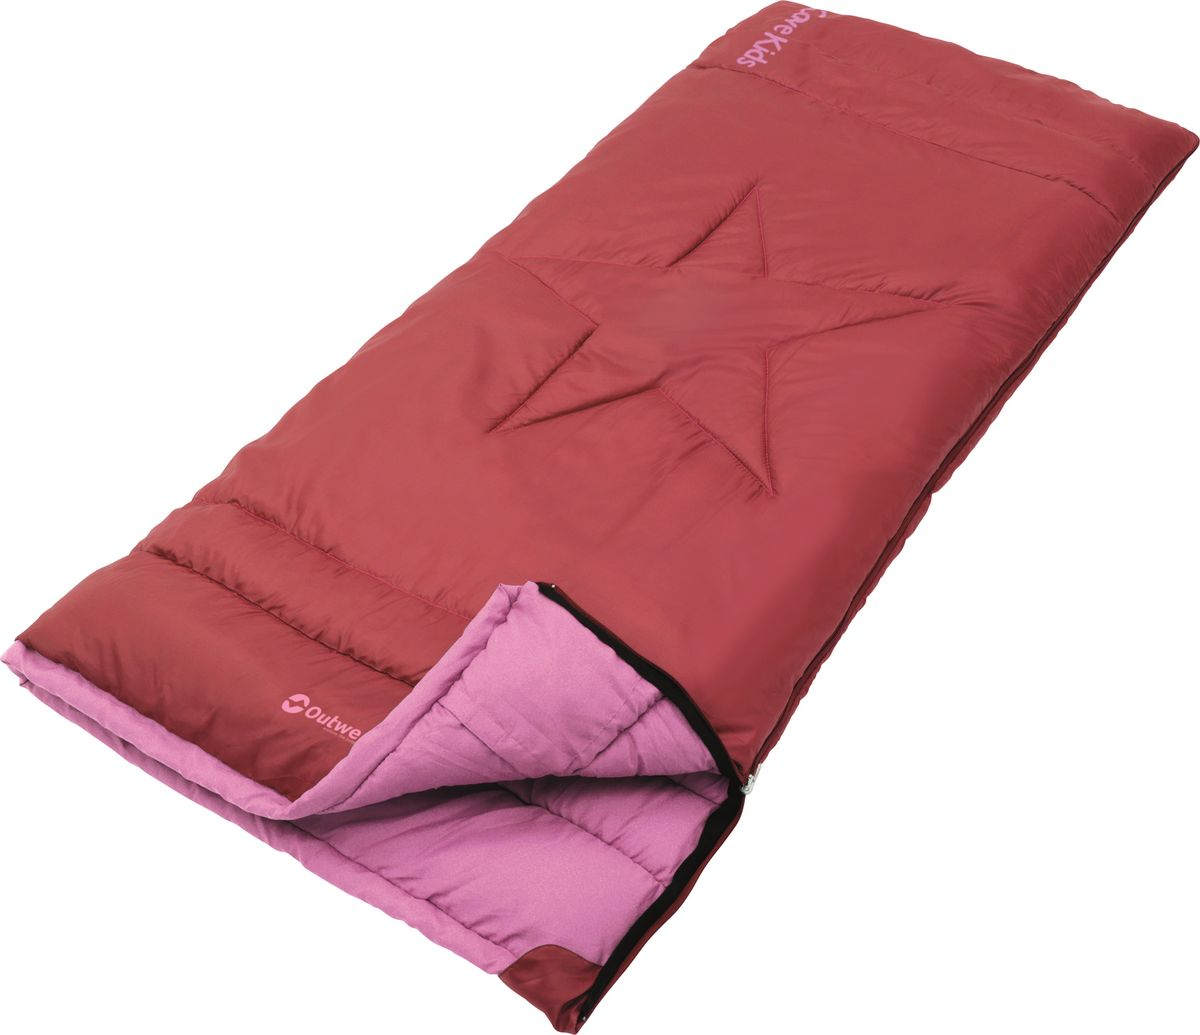 Спальный мешок Outwell Cave Kids Red, двусторонняя молния, цвет: красный230148Комфортный, легкий и очень удобный в использовании, спальник-одеяло для детей и подростков Outwell Cave Kids Red предназначен для походов преимущественно в летний период. Этот спальник пригодится вам также во время поездки на пикник, на дачу, или во время туристического похода.Особенности:Молния имеет два замка с обеих сторон.Термоклапан вдоль молнии.Молния с левой стороны.Внутренний карман.Небольшой вес.К спальнику прилагается чехол для удобного хранения и переноски.